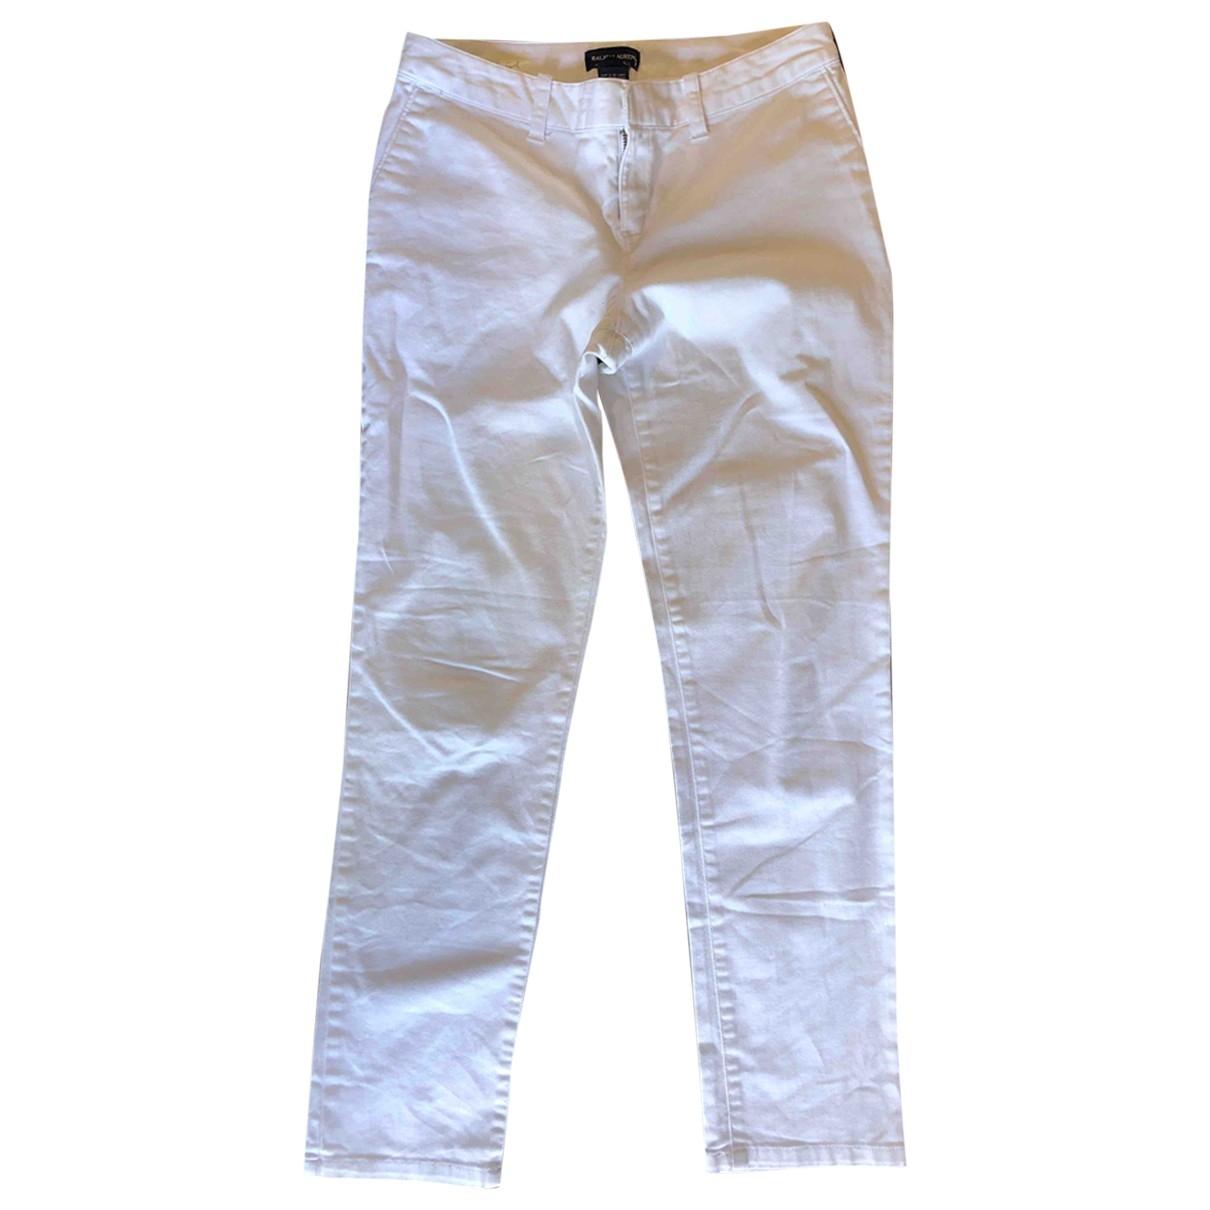 Ralph Lauren \N White Cotton - elasthane Jeans for Women 42 FR